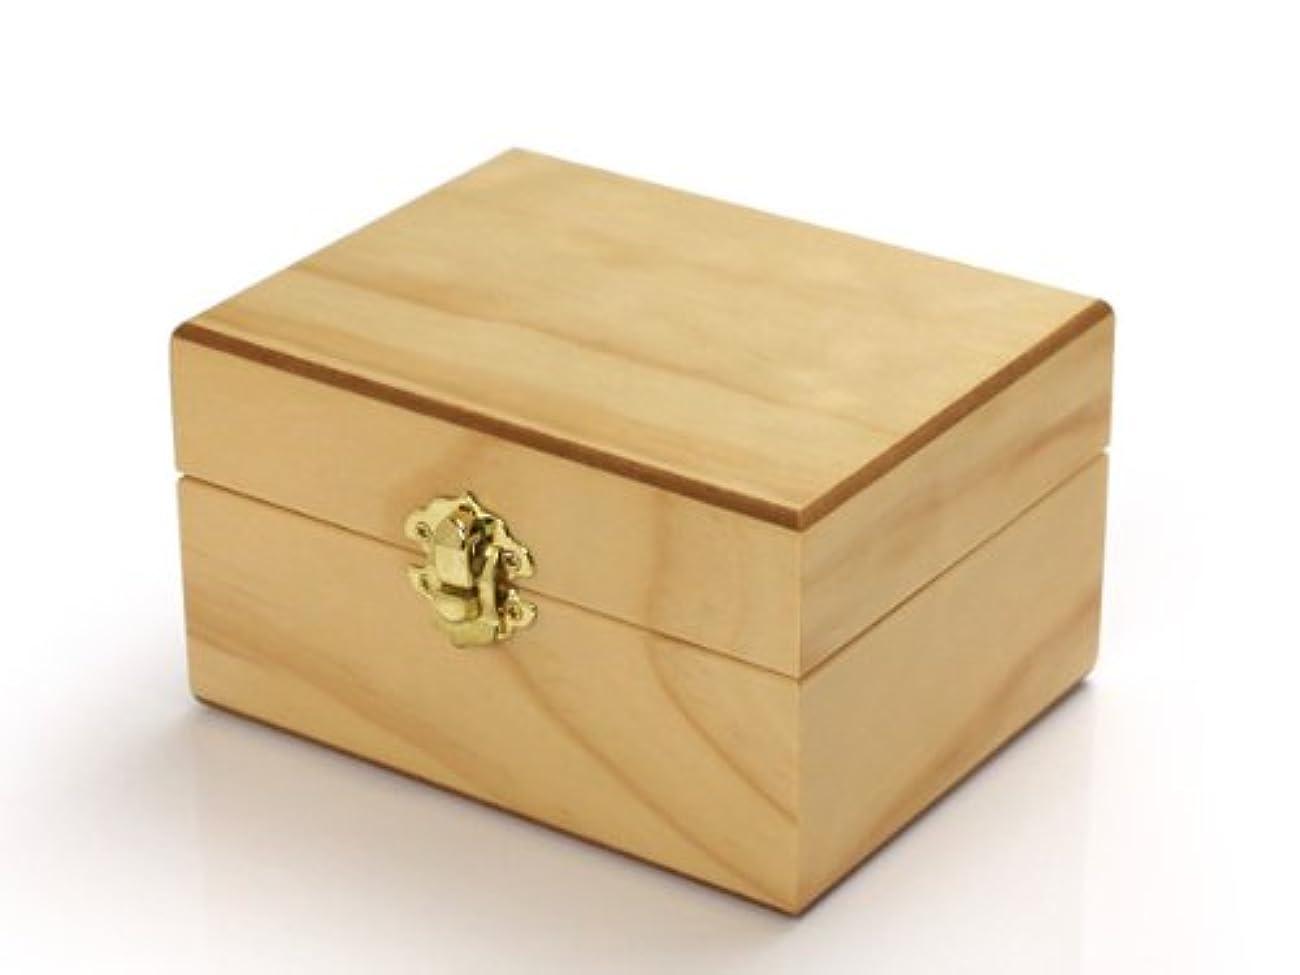 いとこビジネス公平エッセンシャルオイル収納ボックス 12本用